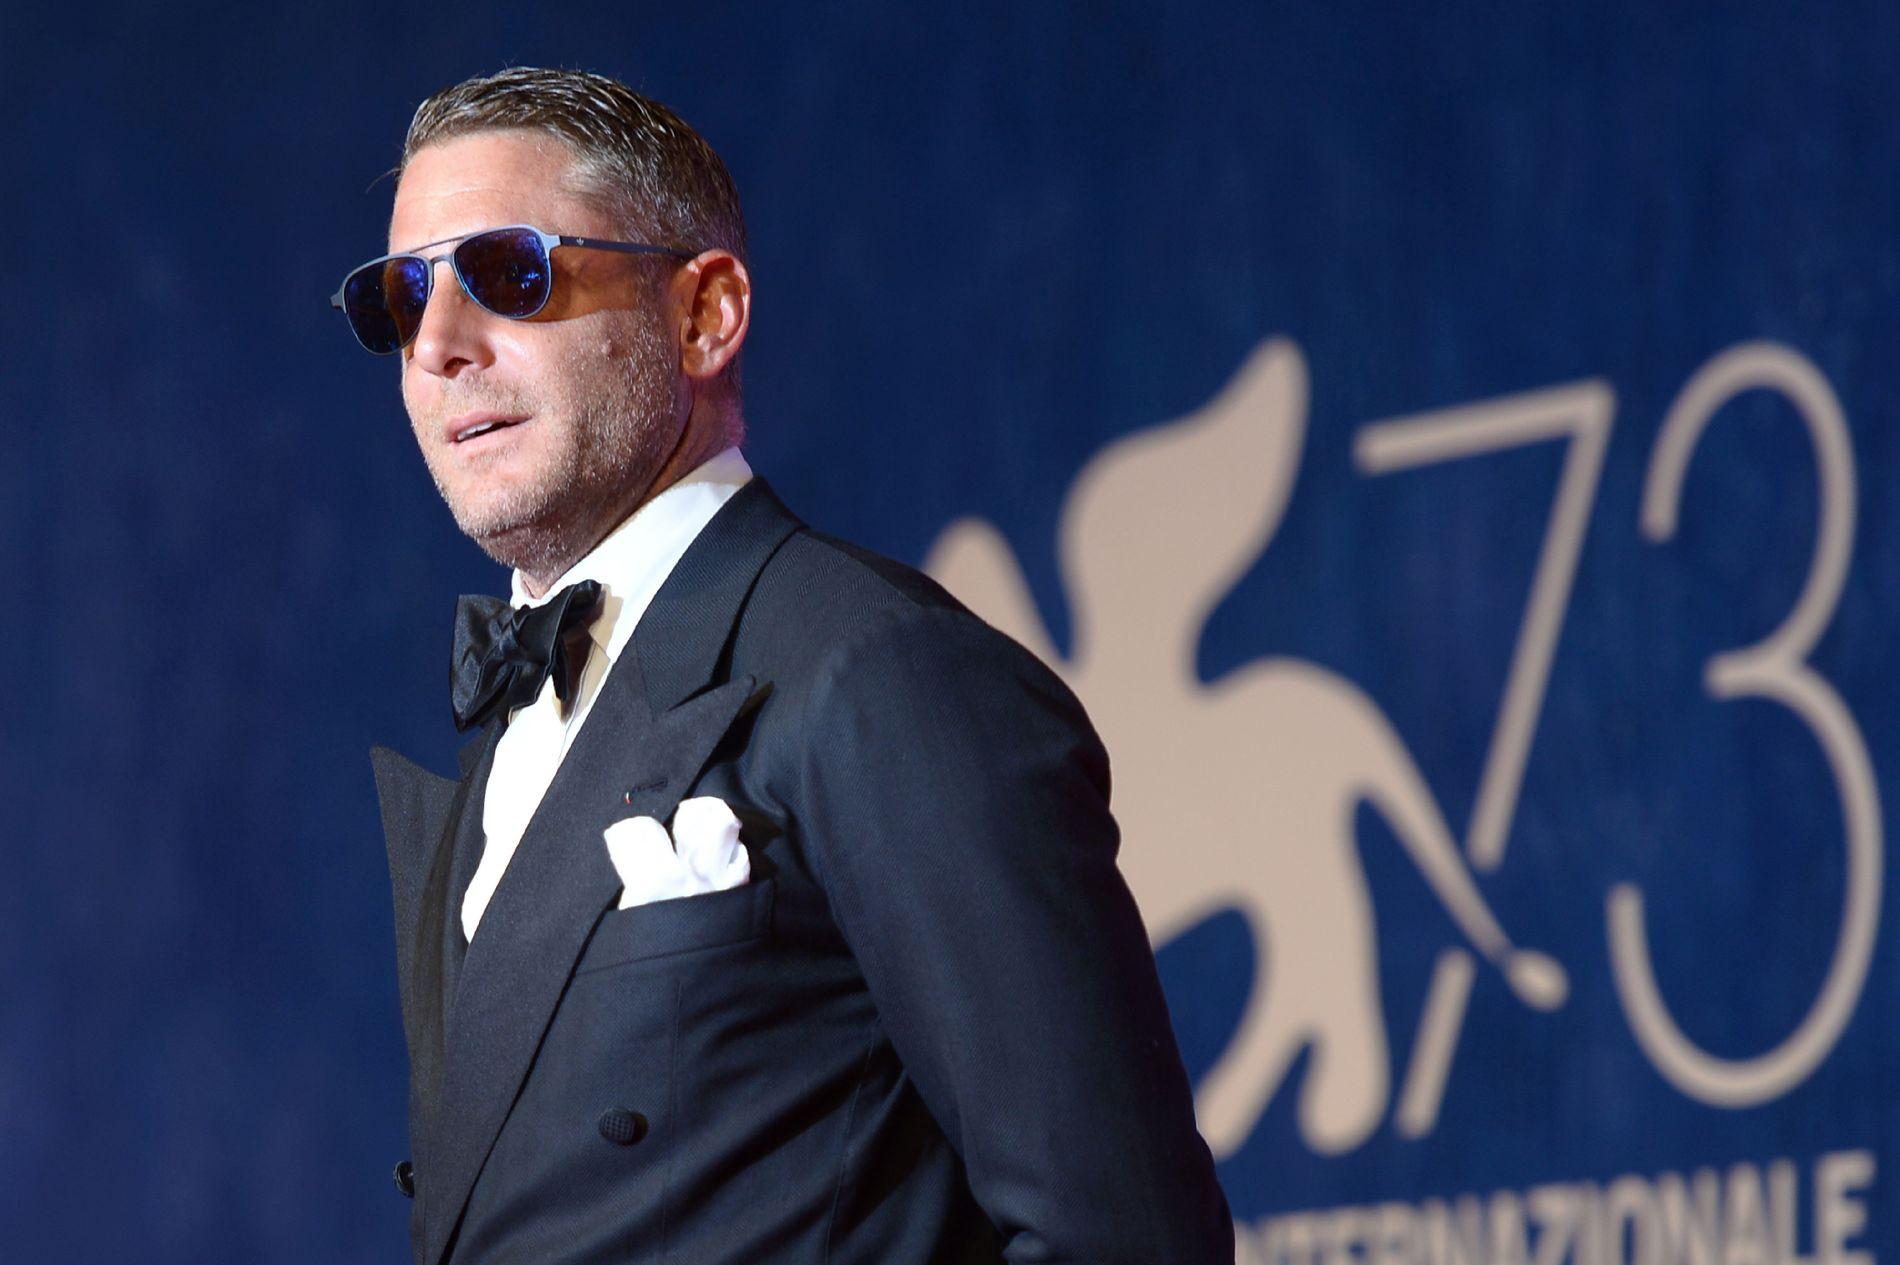 FLERE SKANDALER: Den italienske forretningsmannen Lapo Elkmann, her avbildet på filmfestivalen i Venezia i september, har tidligere havnet i medias søkelys på grunn av flere skandaler. Denne gangen endte det med at 39-åringen ble arrestert.